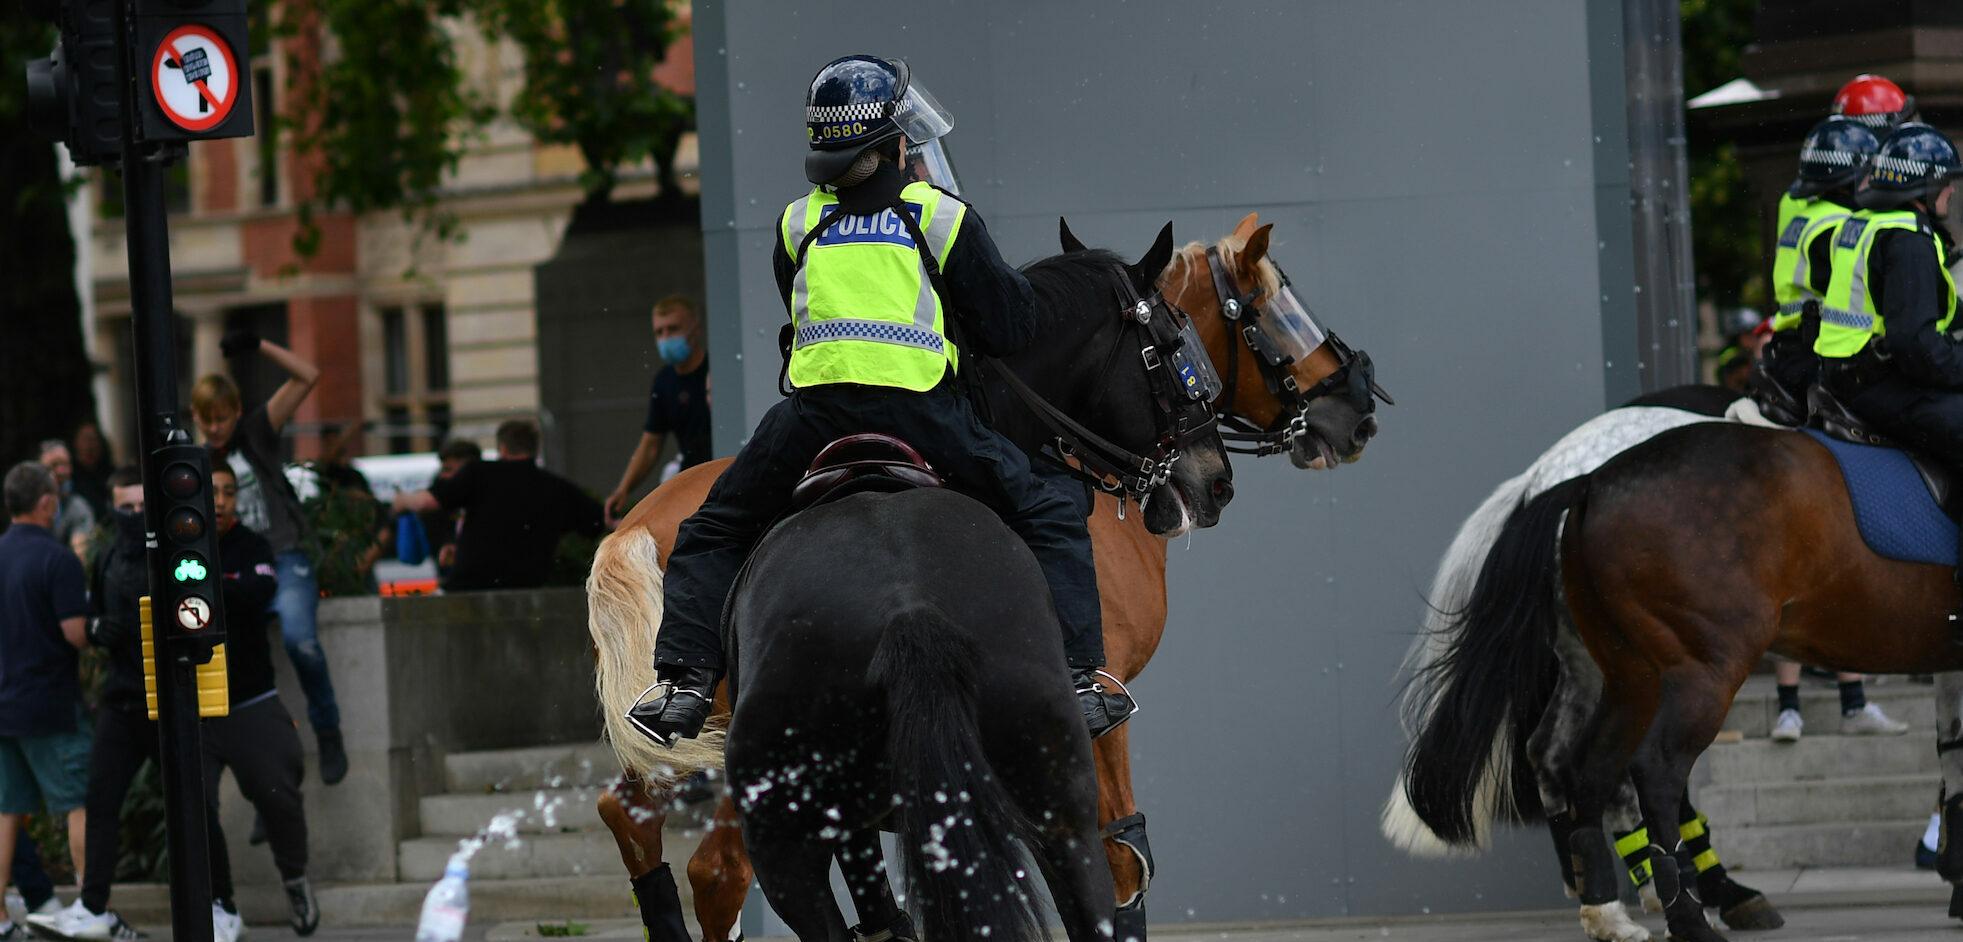 Politie te paard bij het beeld van Churchill in Londen.